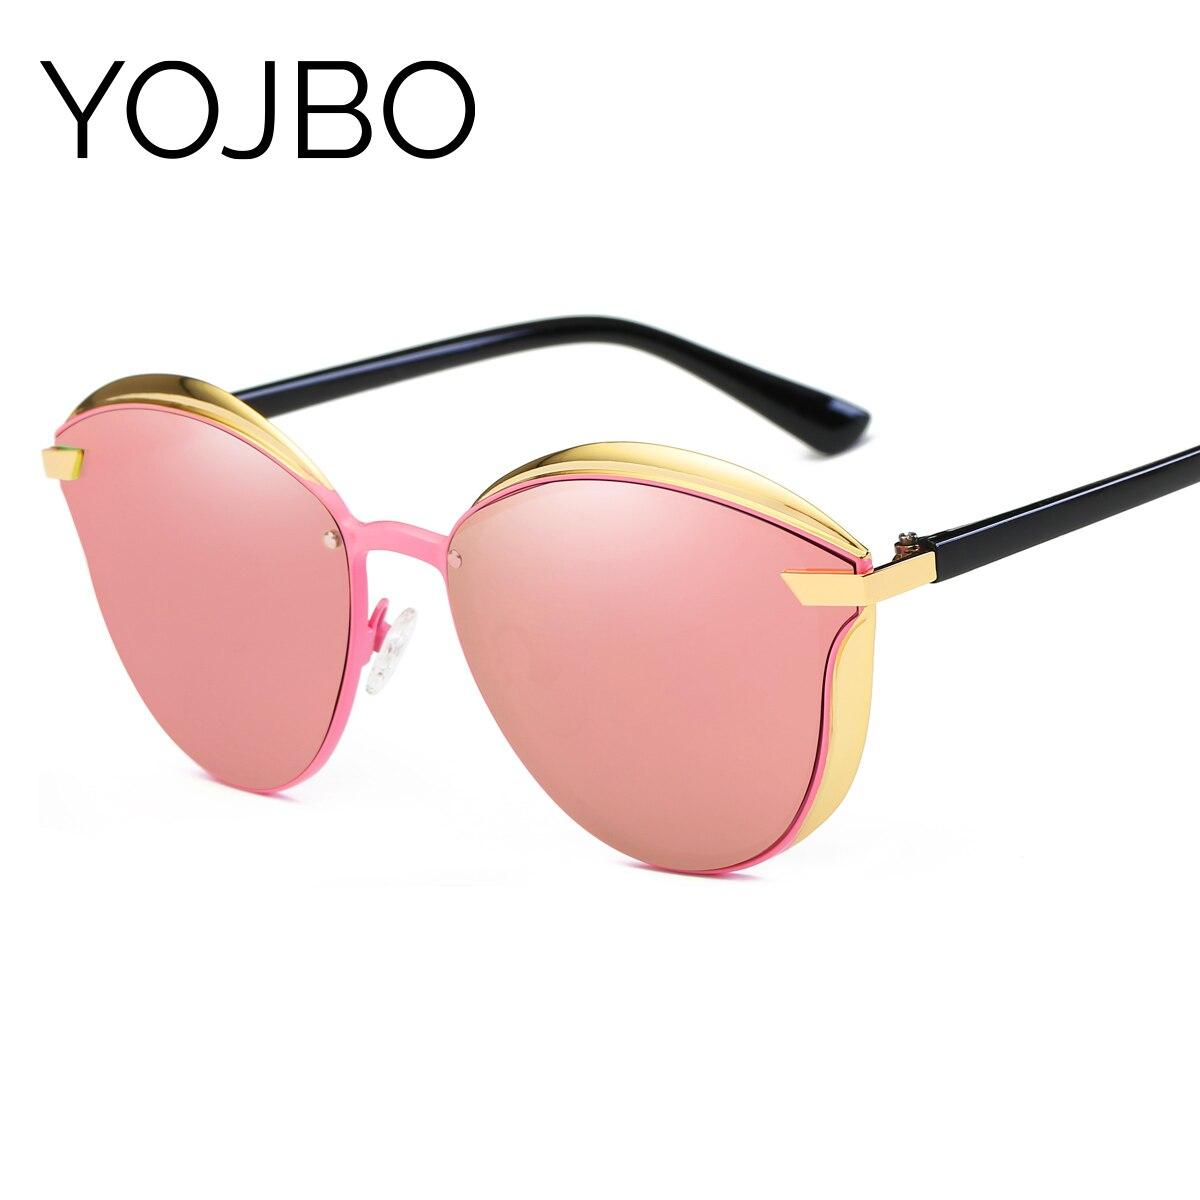 YOJBO Original Marke Polarisierte Sonnenbrille Frauen Blockieren Glares Uv-schutz Damen Sonnenbrille Spiegel Designer Frauen Brillen